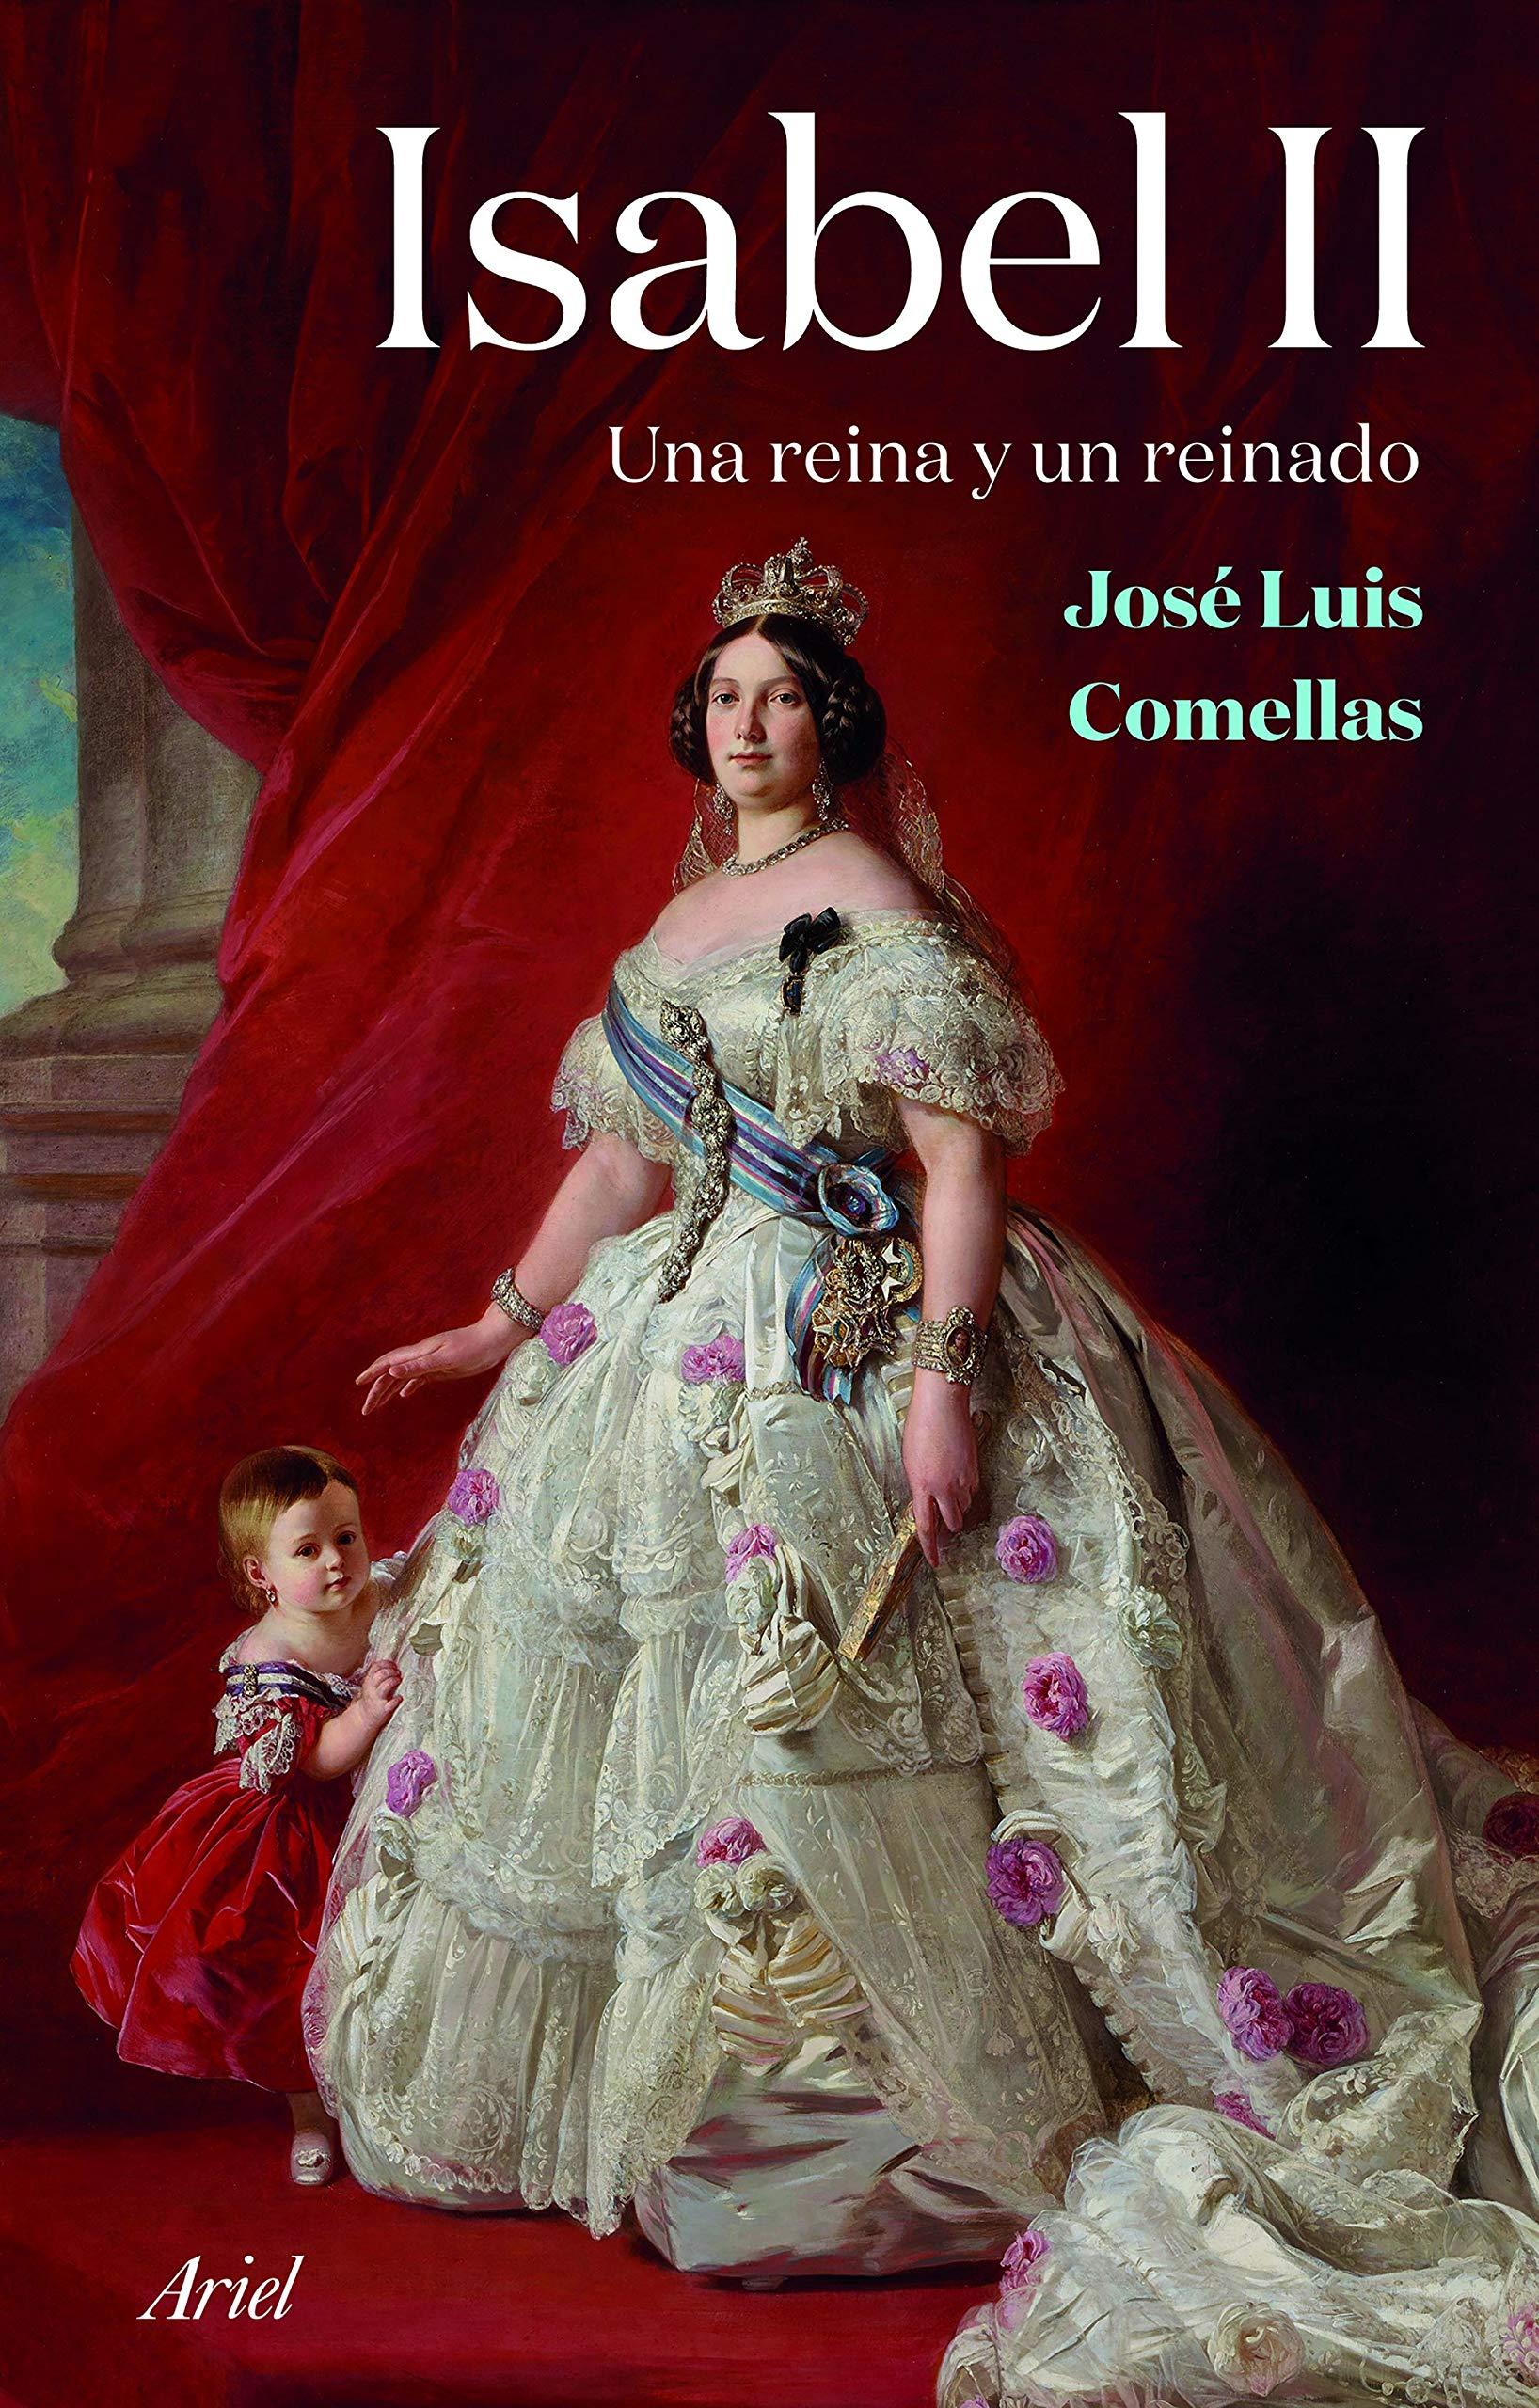 Isabel II: Una reina y un reinado (Ariel): Amazon.es: Comellas, José Luis: Libros